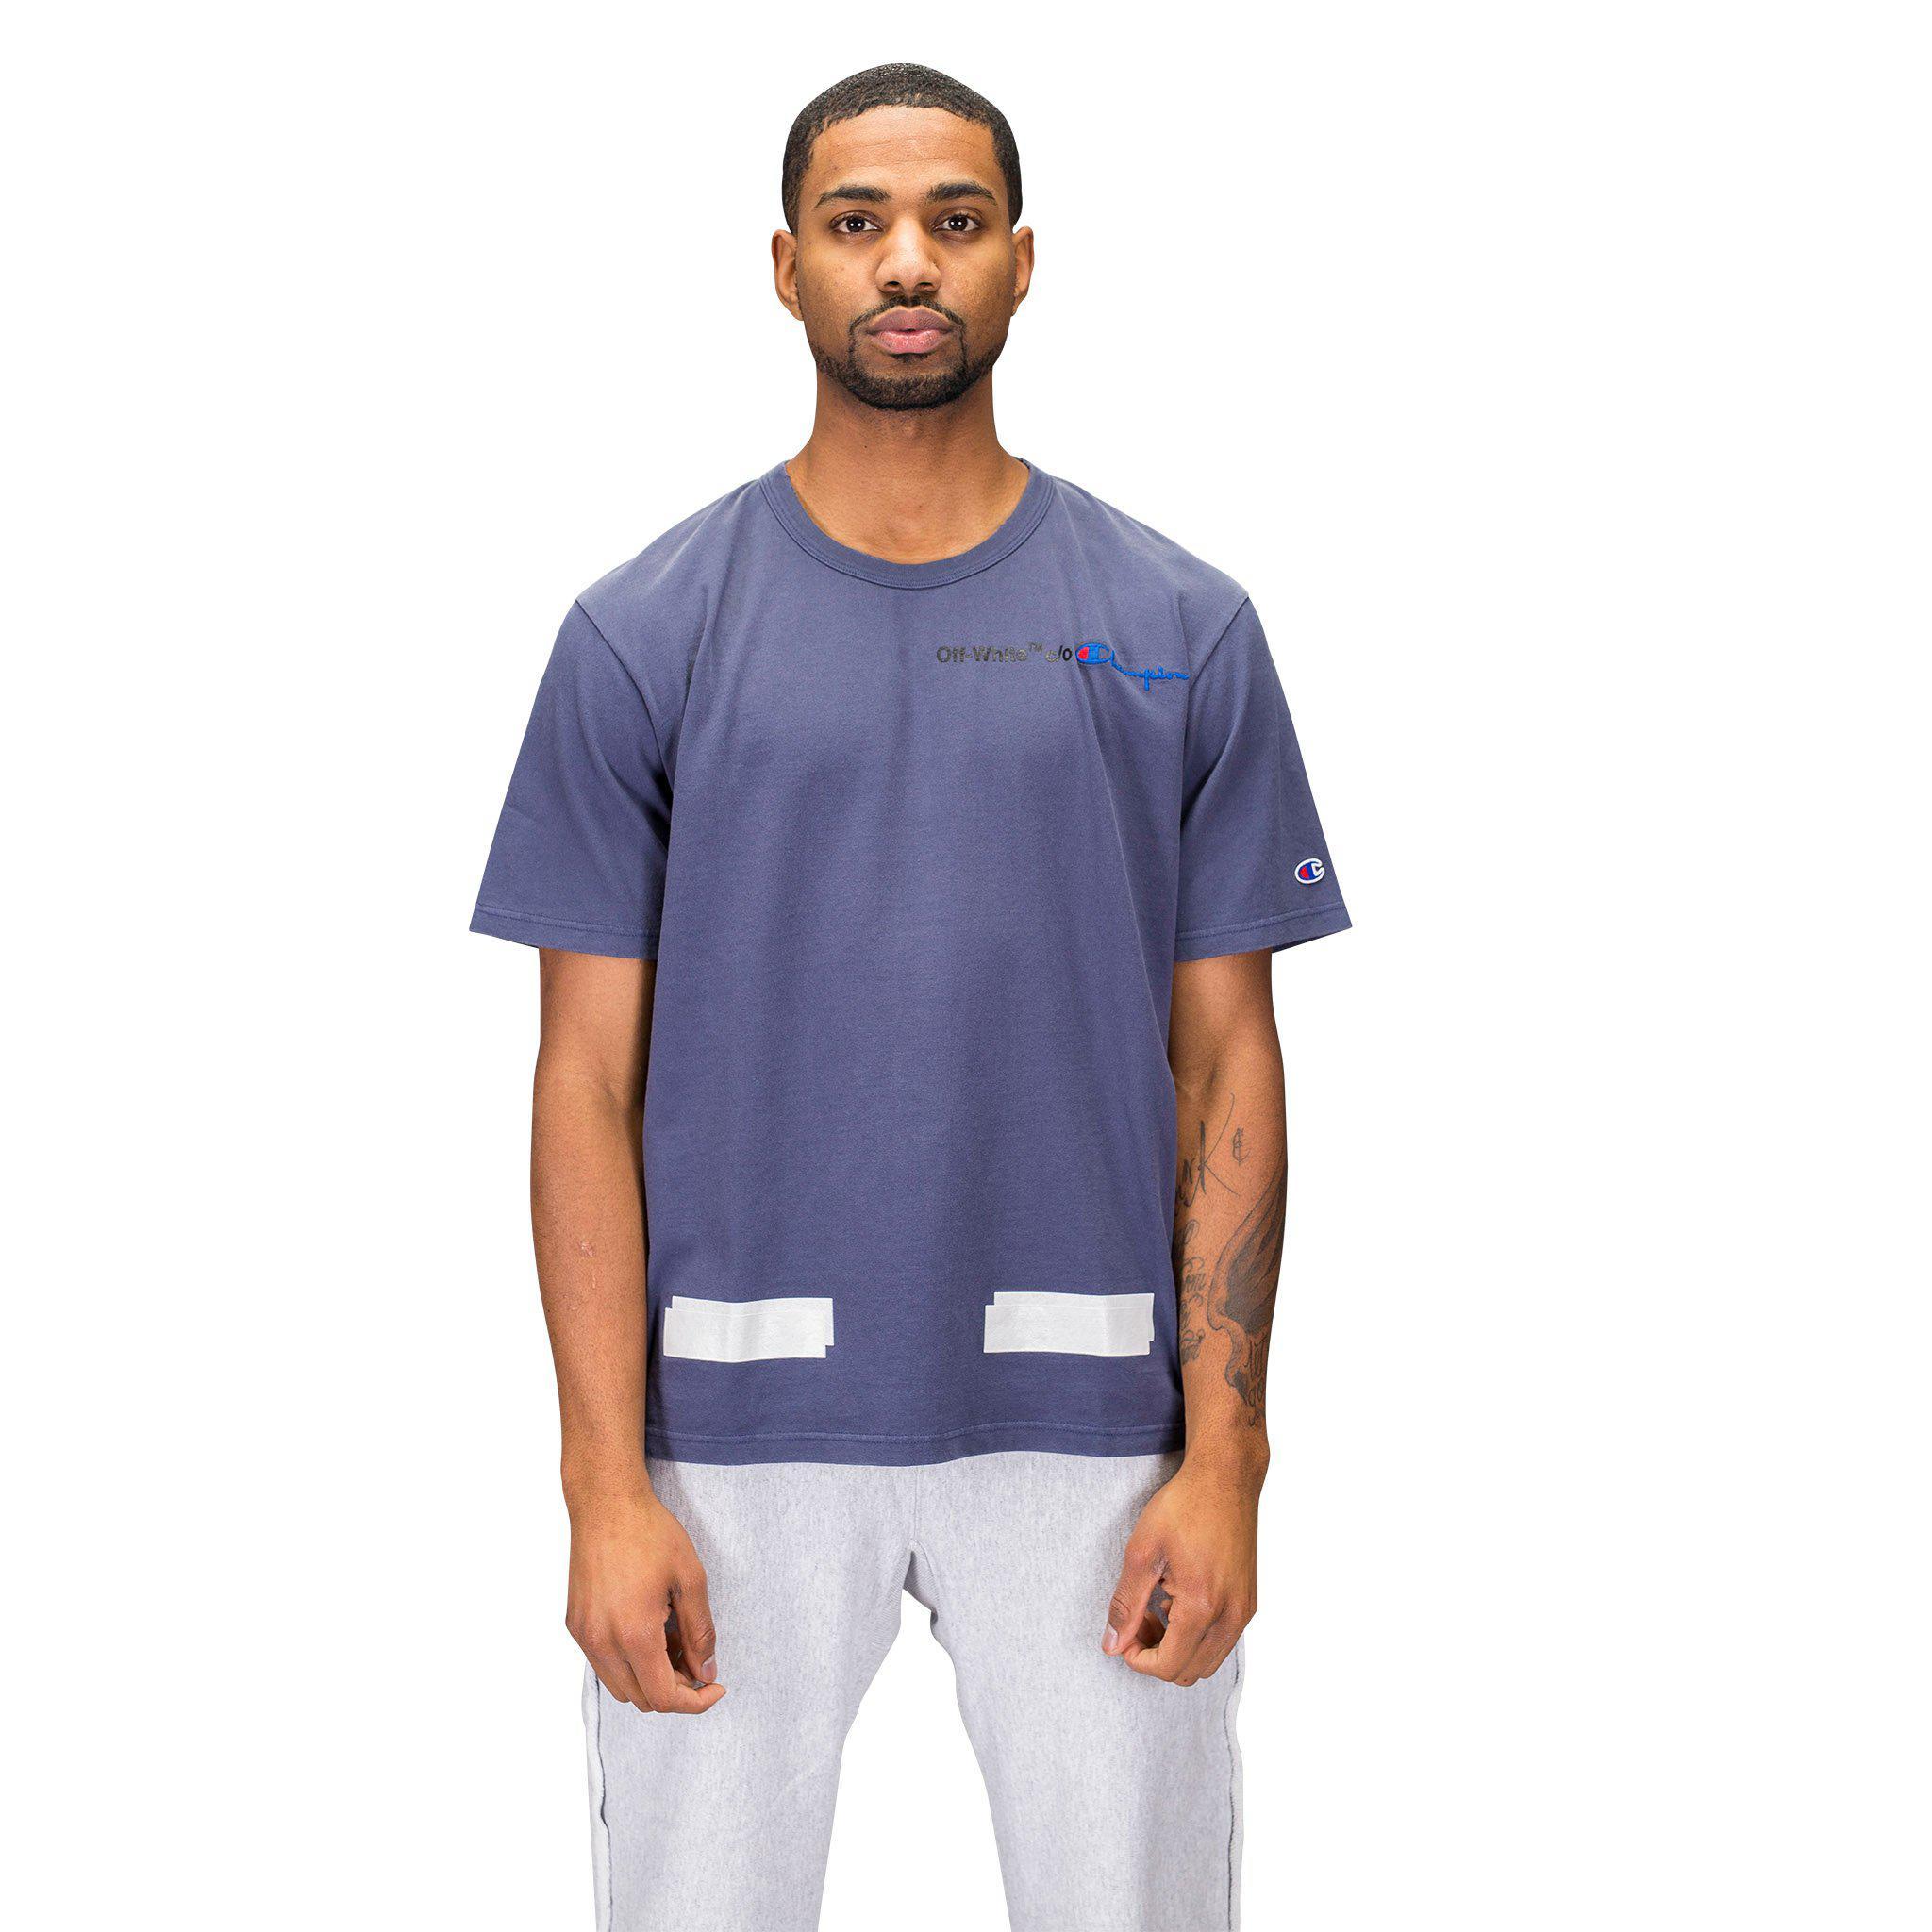 43efdd6f Off-White c/o Virgil Abloh Champion T-shirt in Blue for Men - Lyst